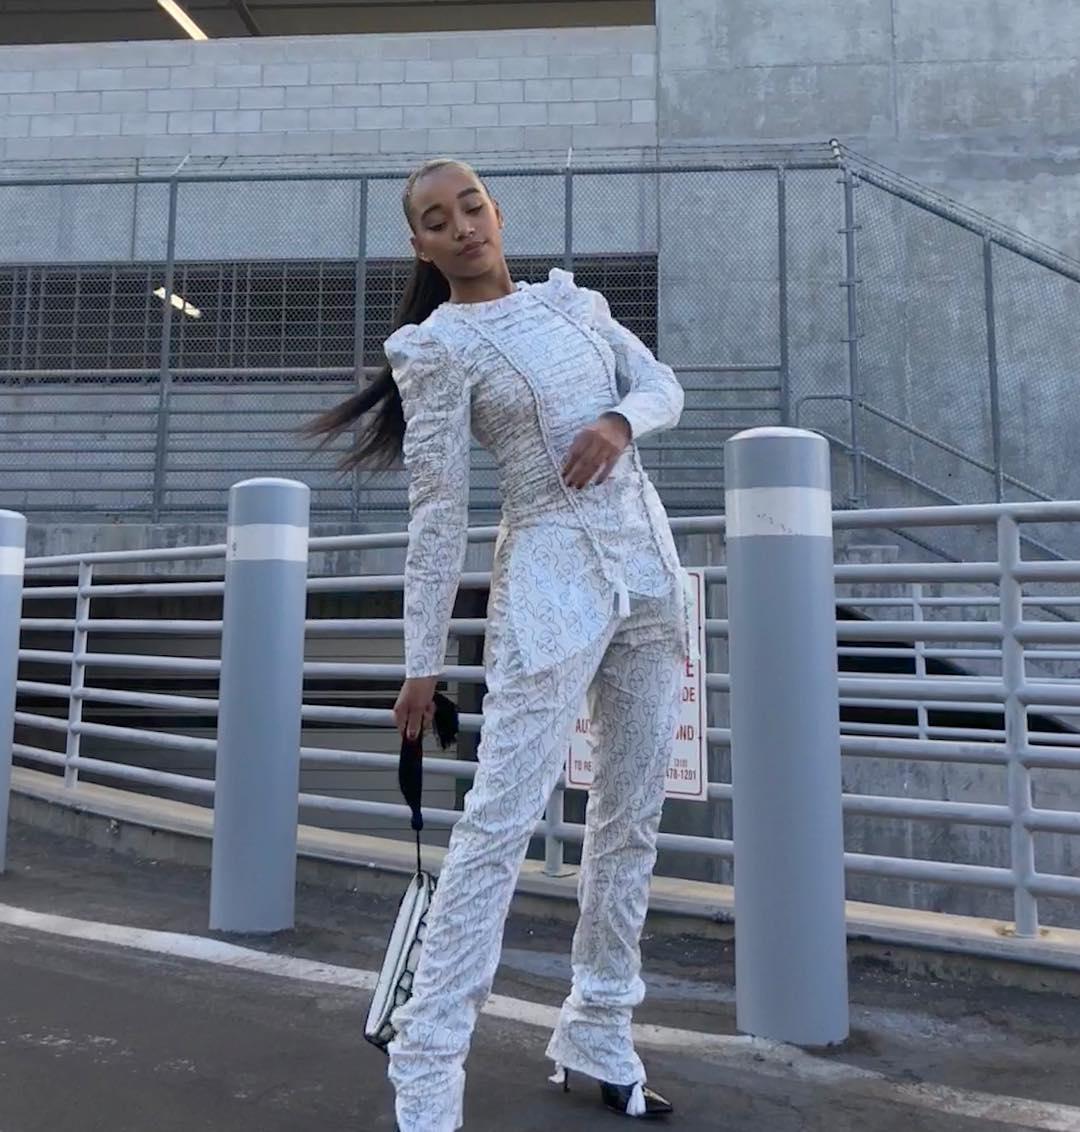 Amandla Stenberg Wearing Silvery Pantsuit 2019